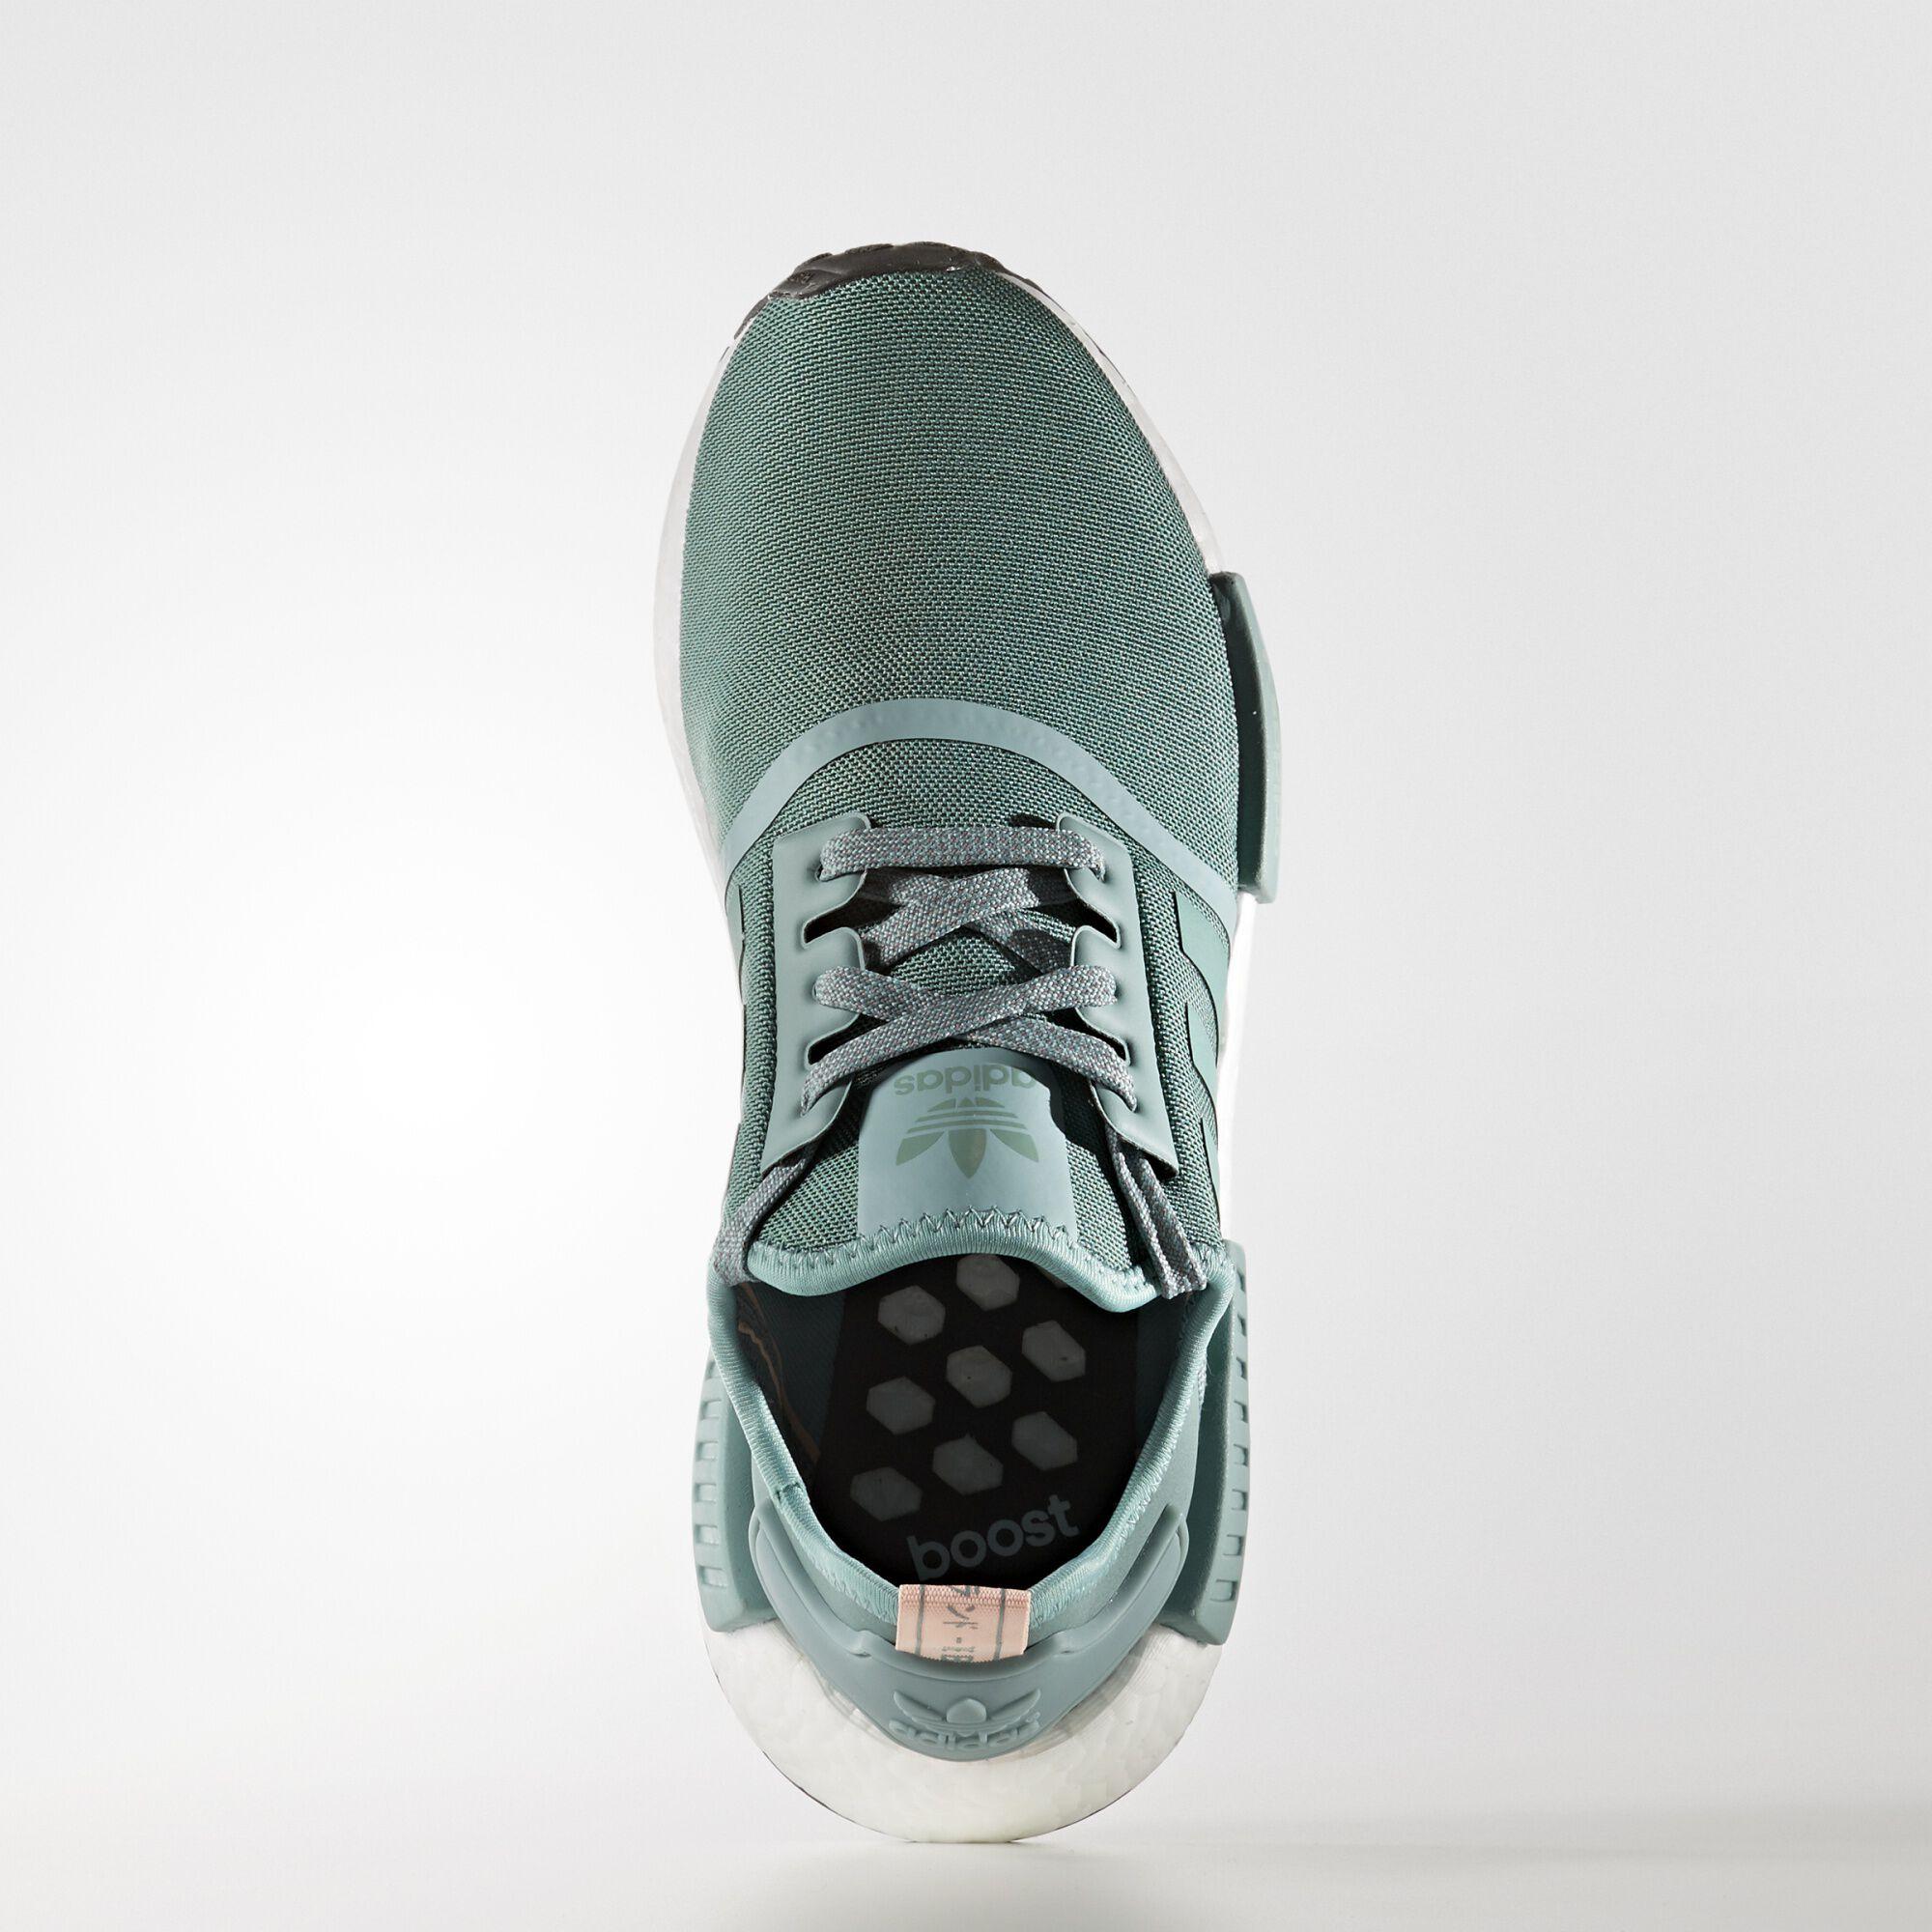 adidas - Tênis NMD_R1 Vapour Steel/Vapour Steel/Vapour Pink S76010